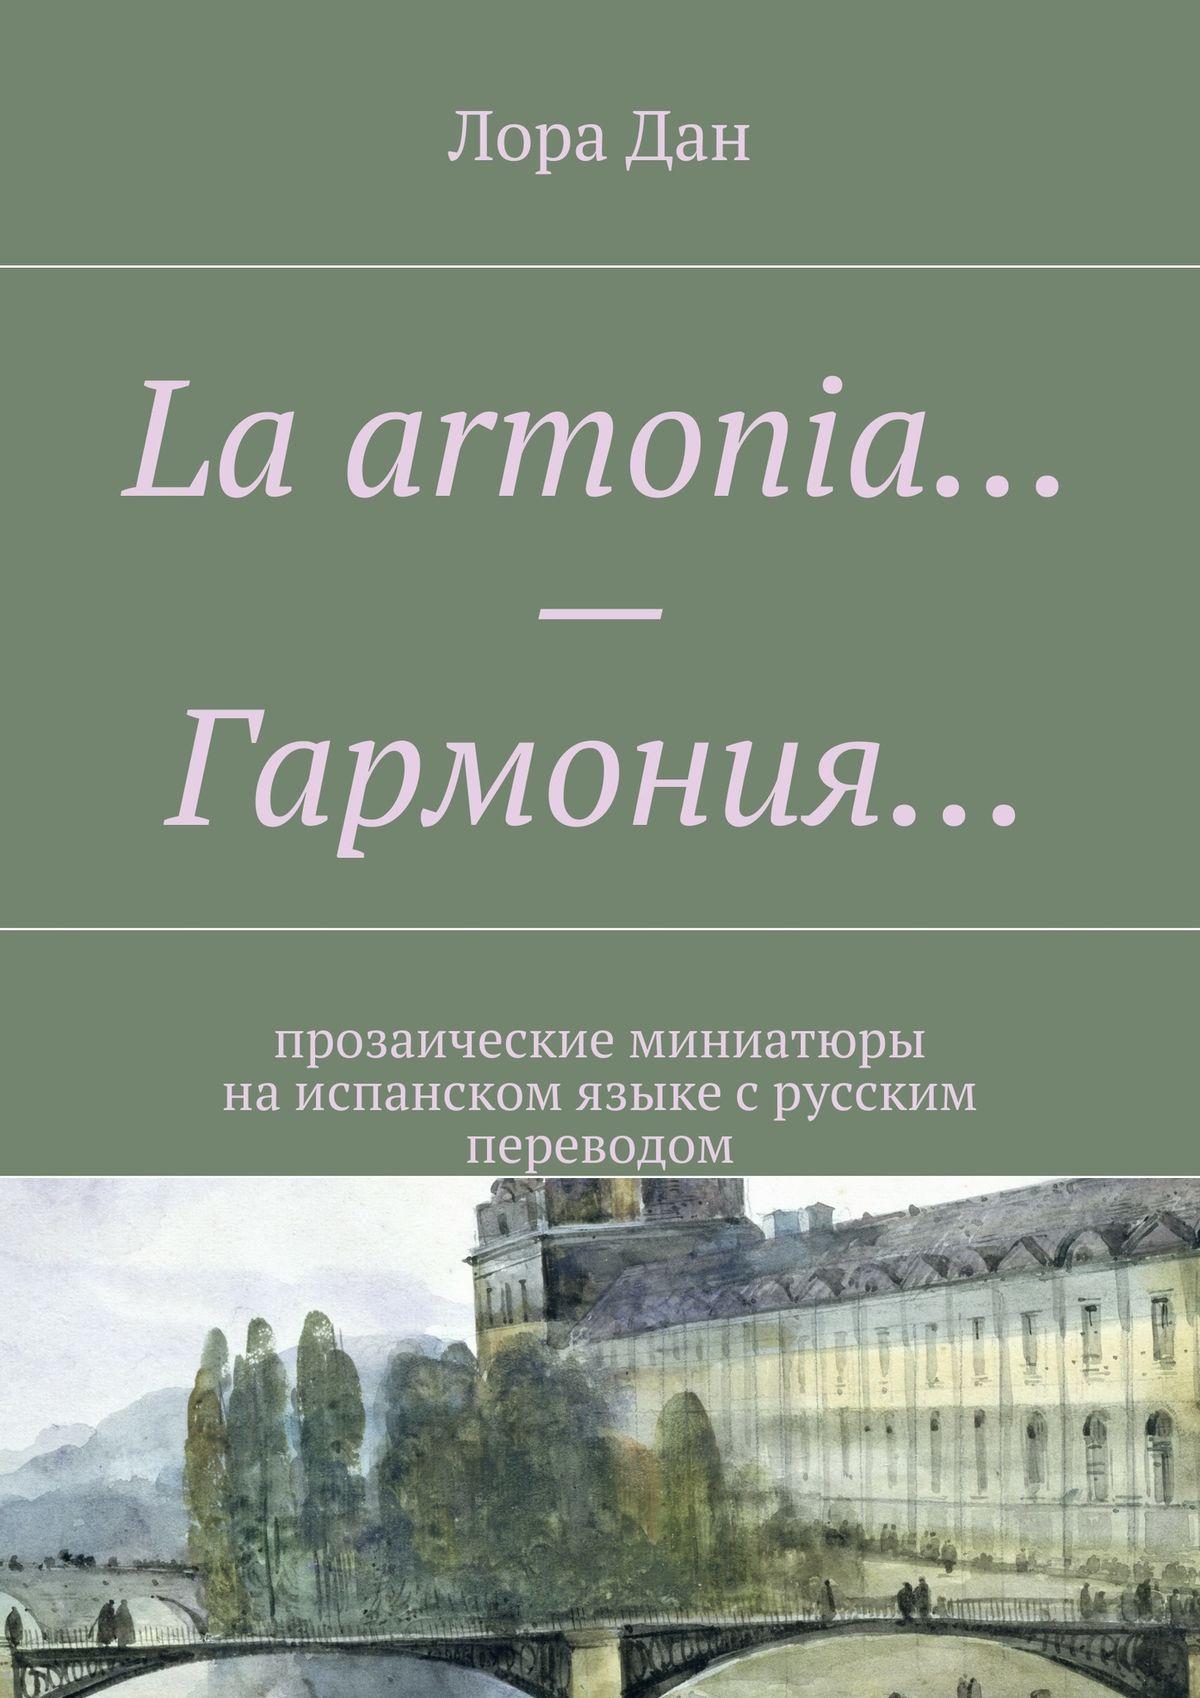 Лора Дан La armonia…– Гармония… прозаические миниатюры наиспанском языкес русским переводом prieto r g la katana de toledo nivel 2 учебник на испанском языке cd